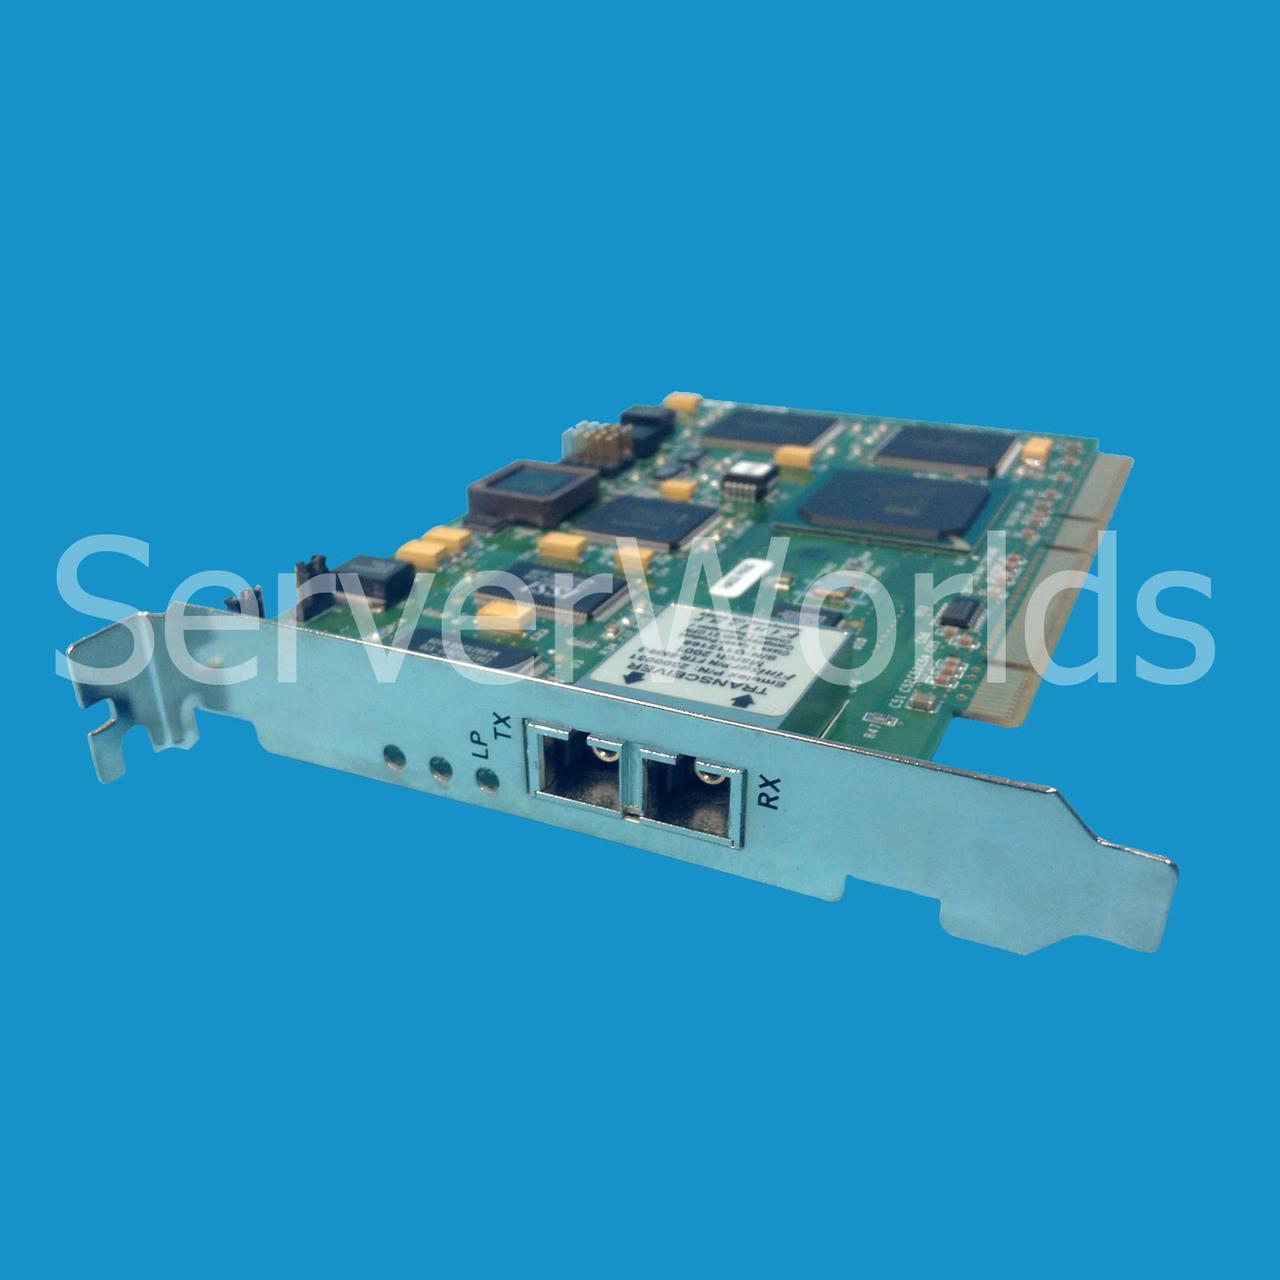 HP 173483-001 | FC 64-Bit Emulex Card | HP DS-KGPSA-CX